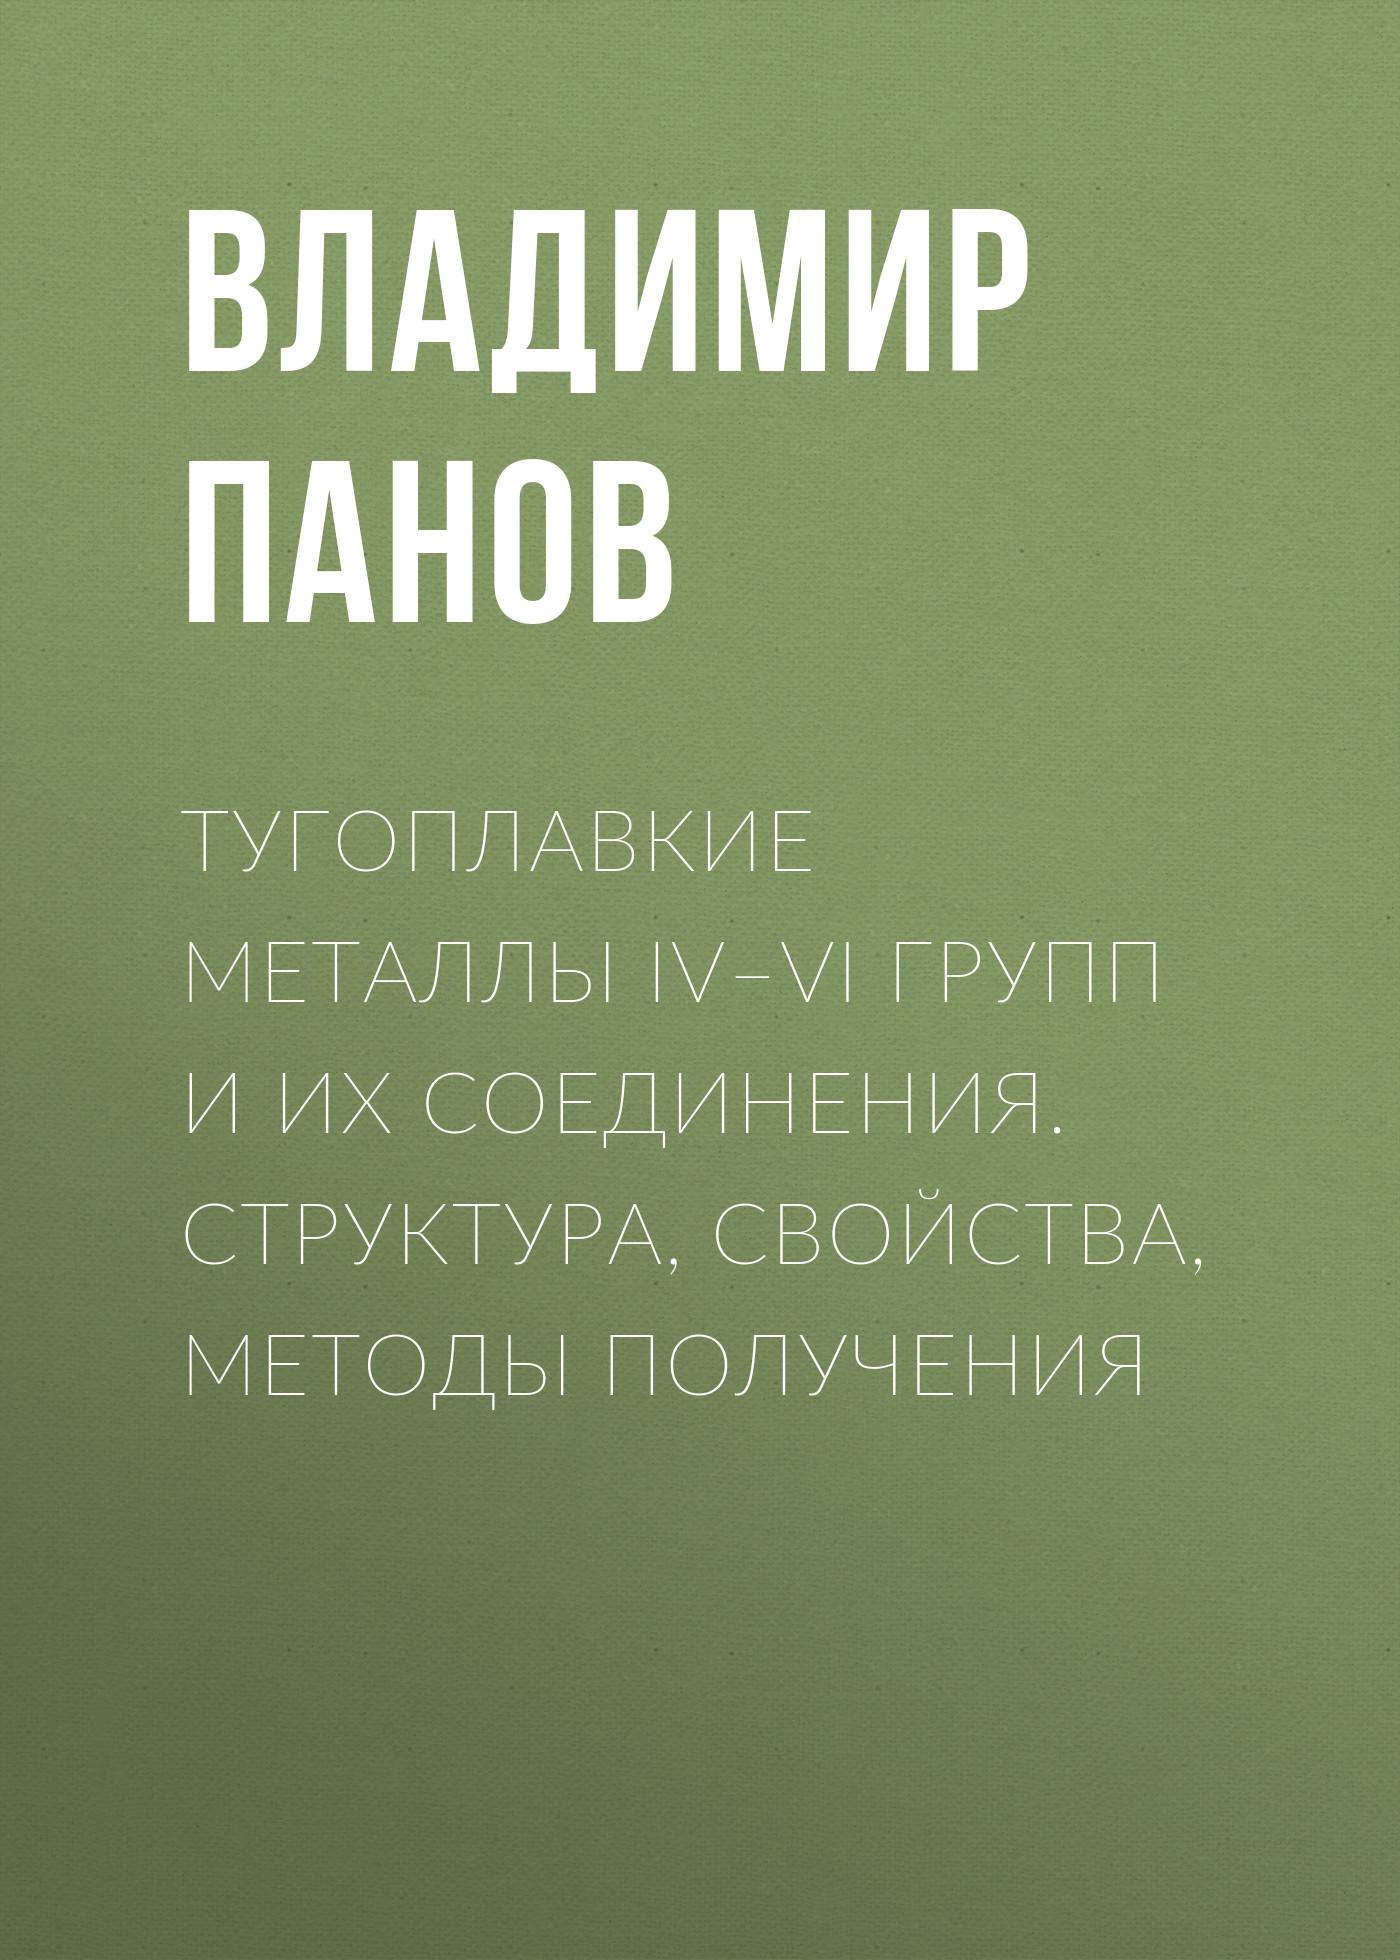 Владимир Панов Тугоплавкие металлы IV–VI групп и их соединения. Структура, свойства, методы получения vi 254 iv